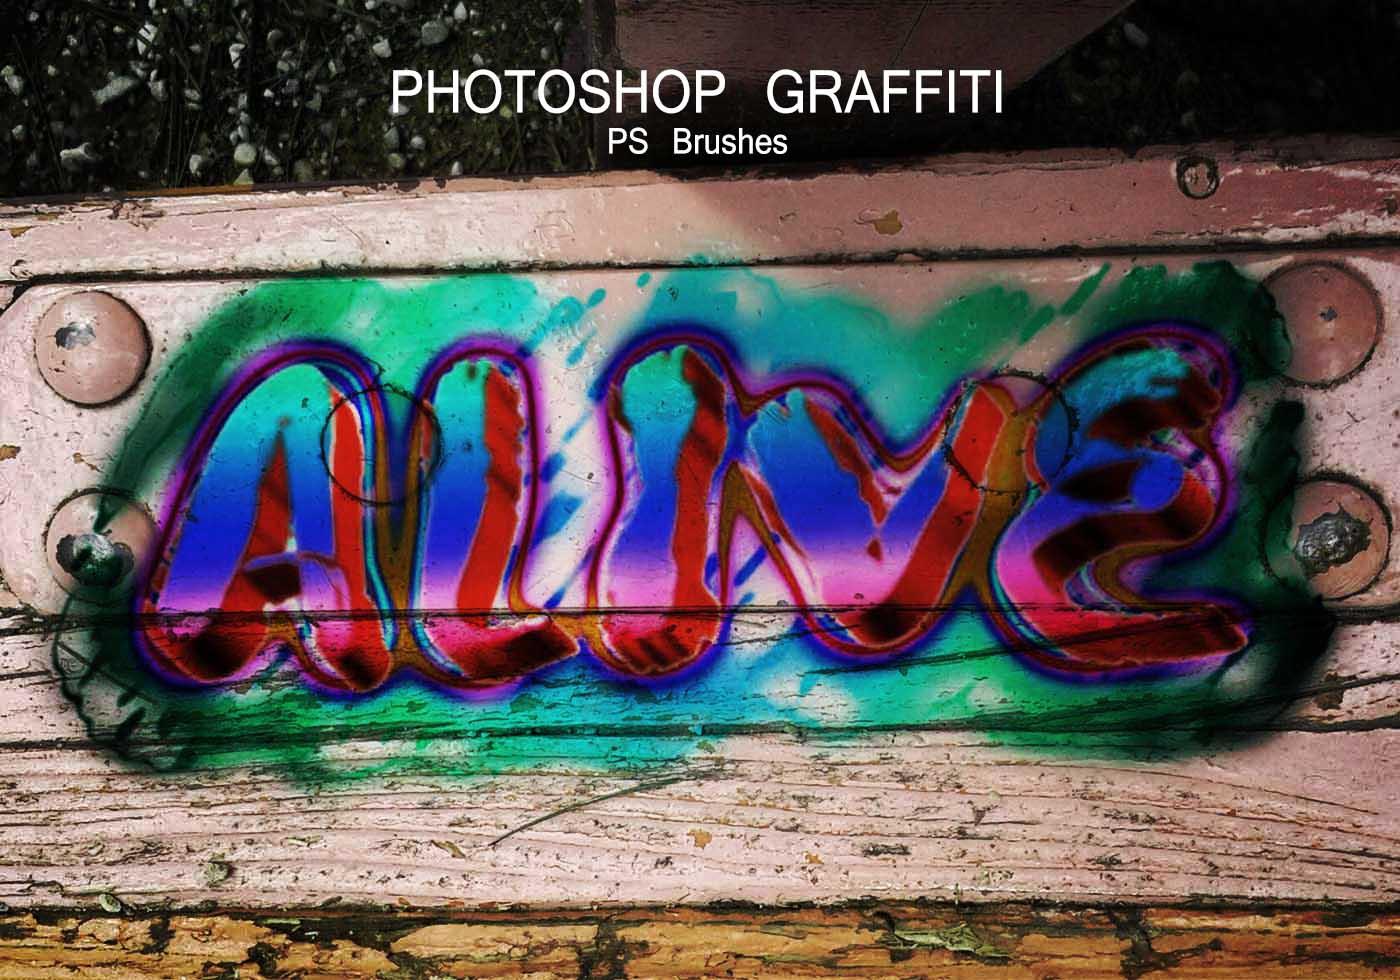 грызут ногти,ручки,карандаши,ластики,бумагу,ручки граффити текст для фотошопа ул